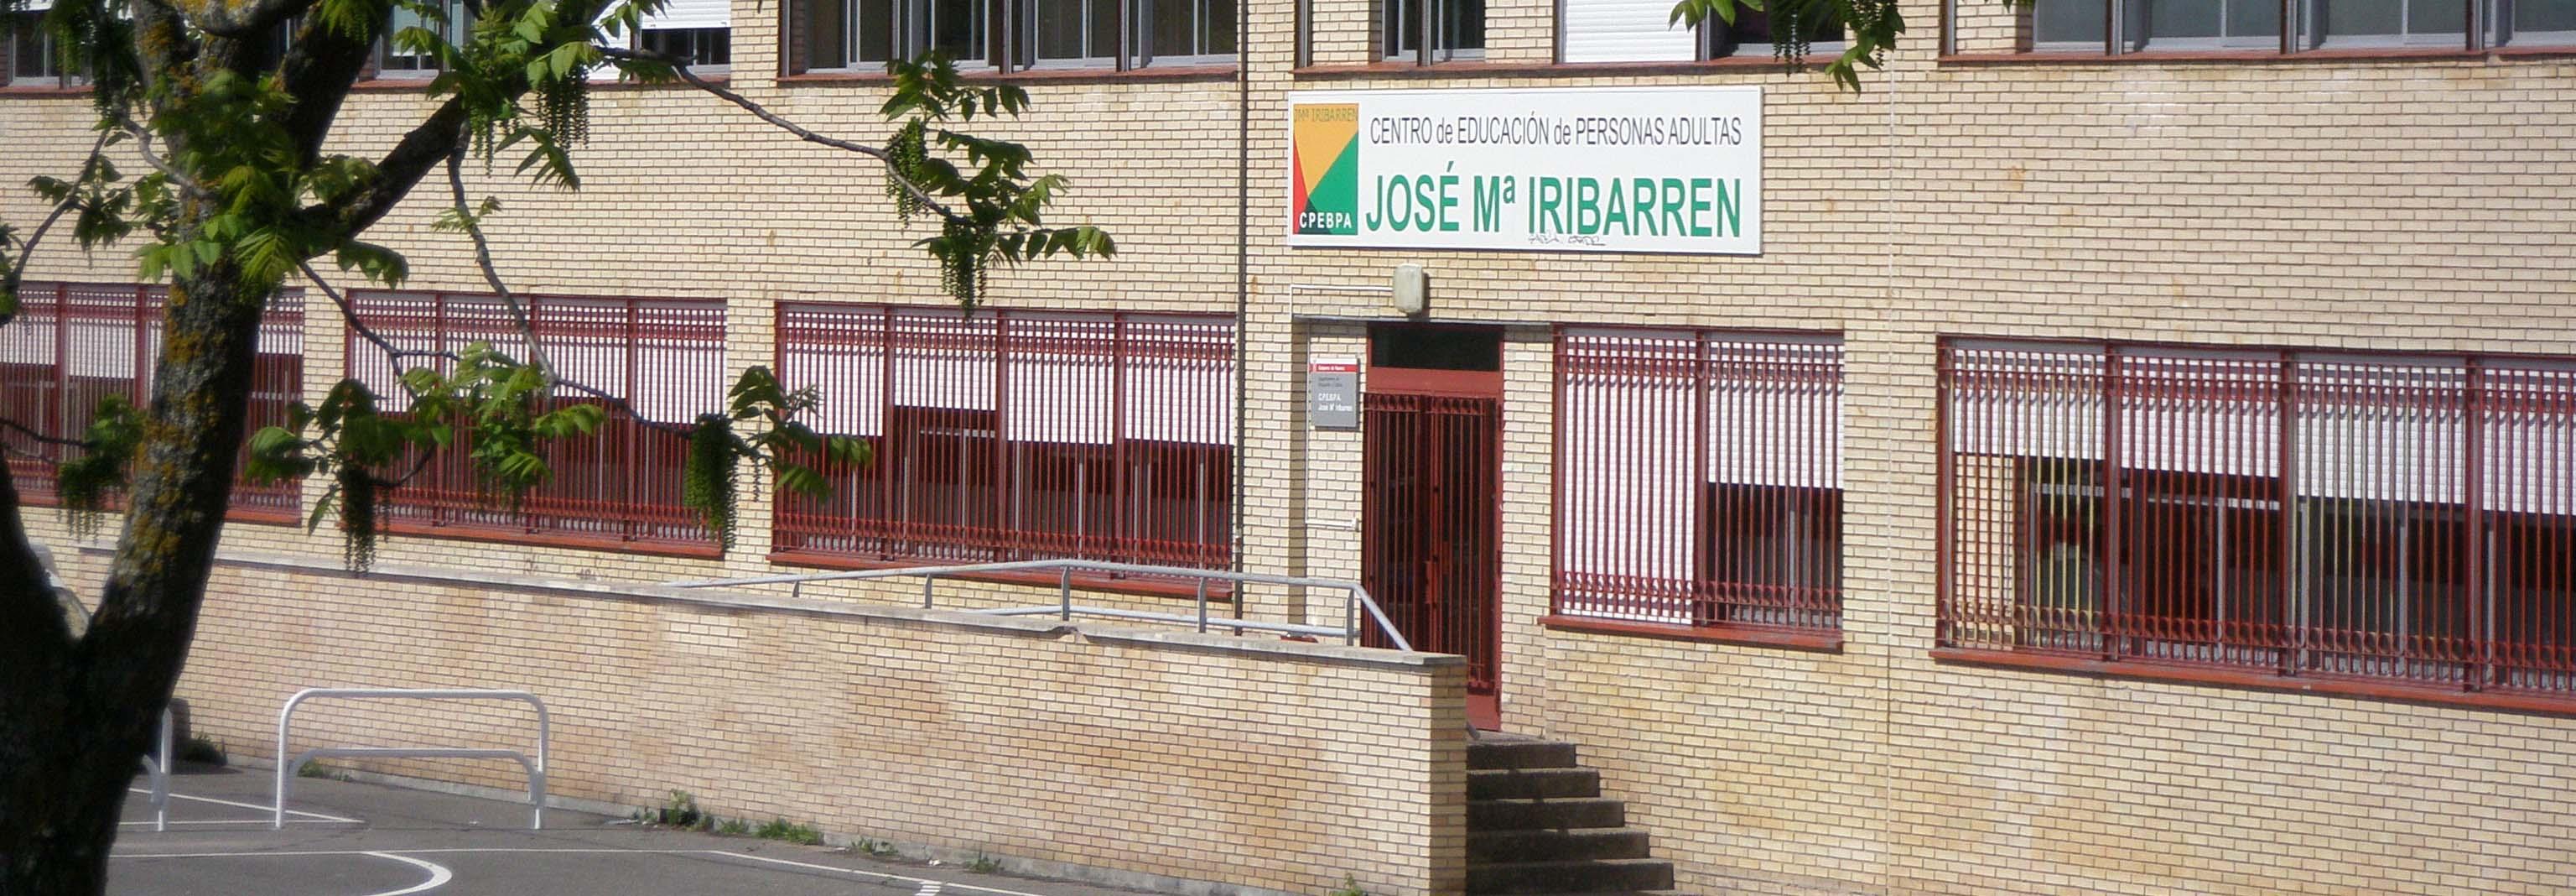 ¡Bienvenido a la web del CPEBPA José María Iribarren!